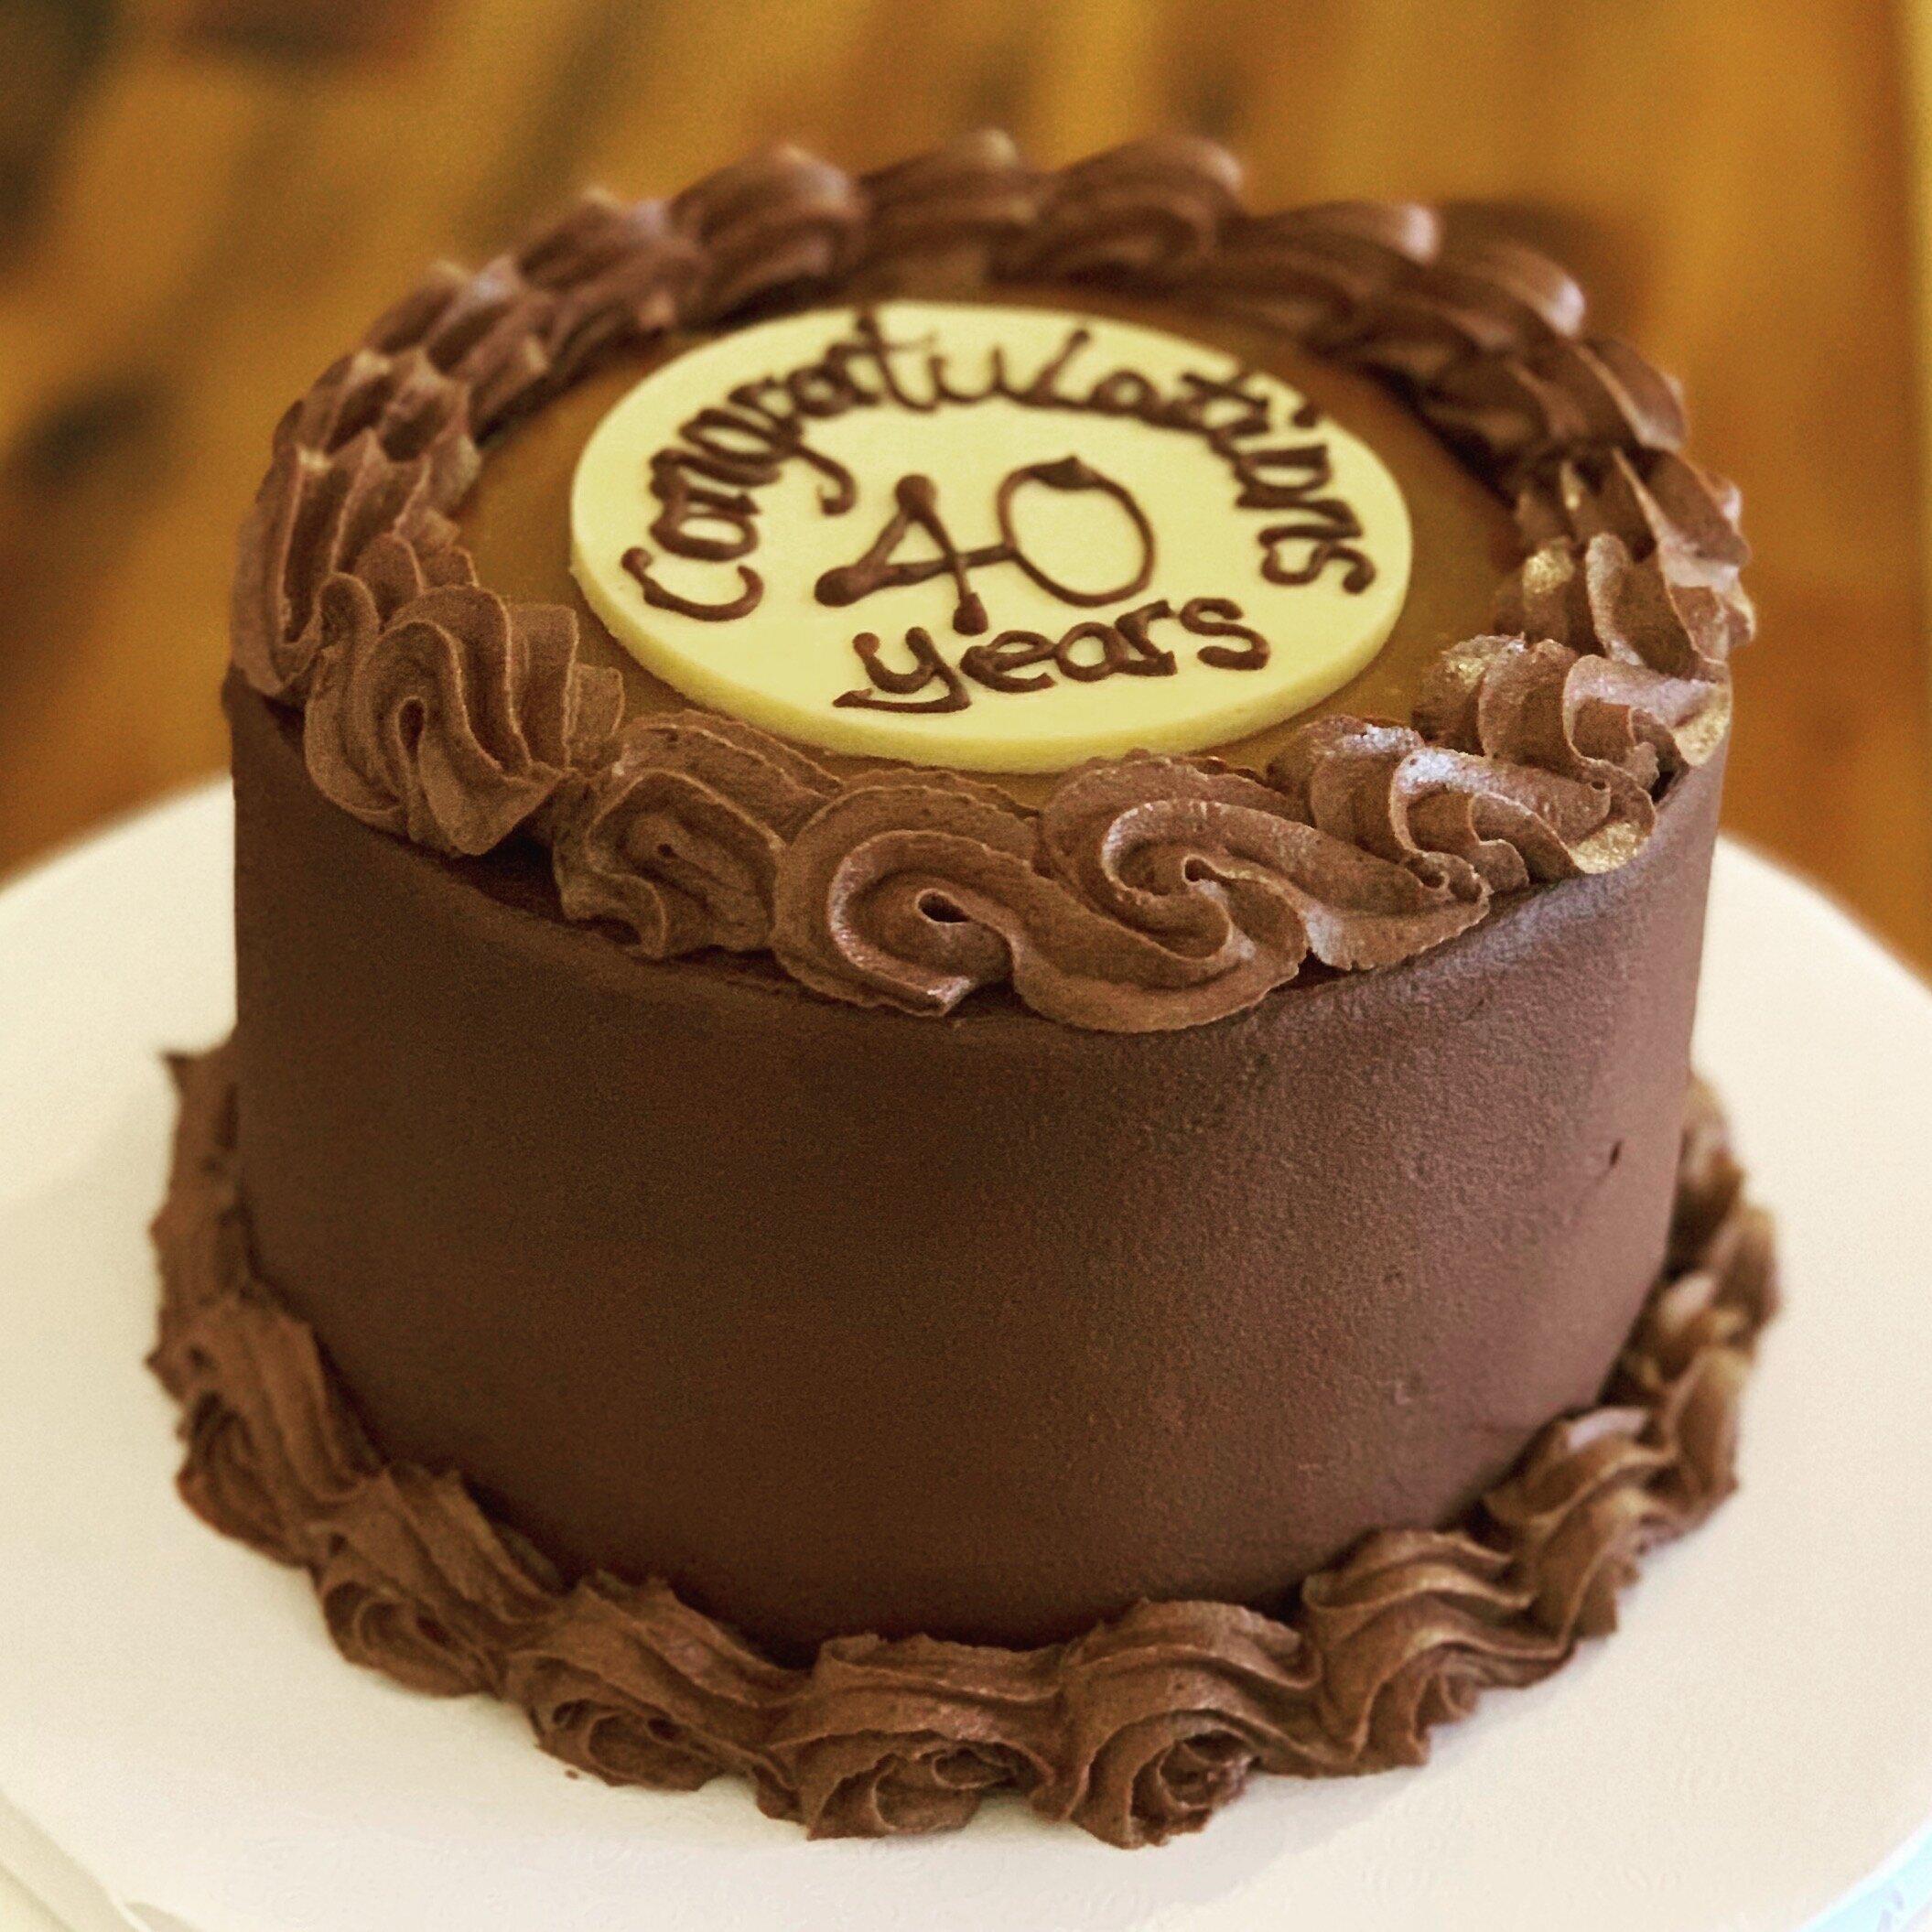 SOM_Cake_Anniversary_Chocolate40years_3.31.19.jpg